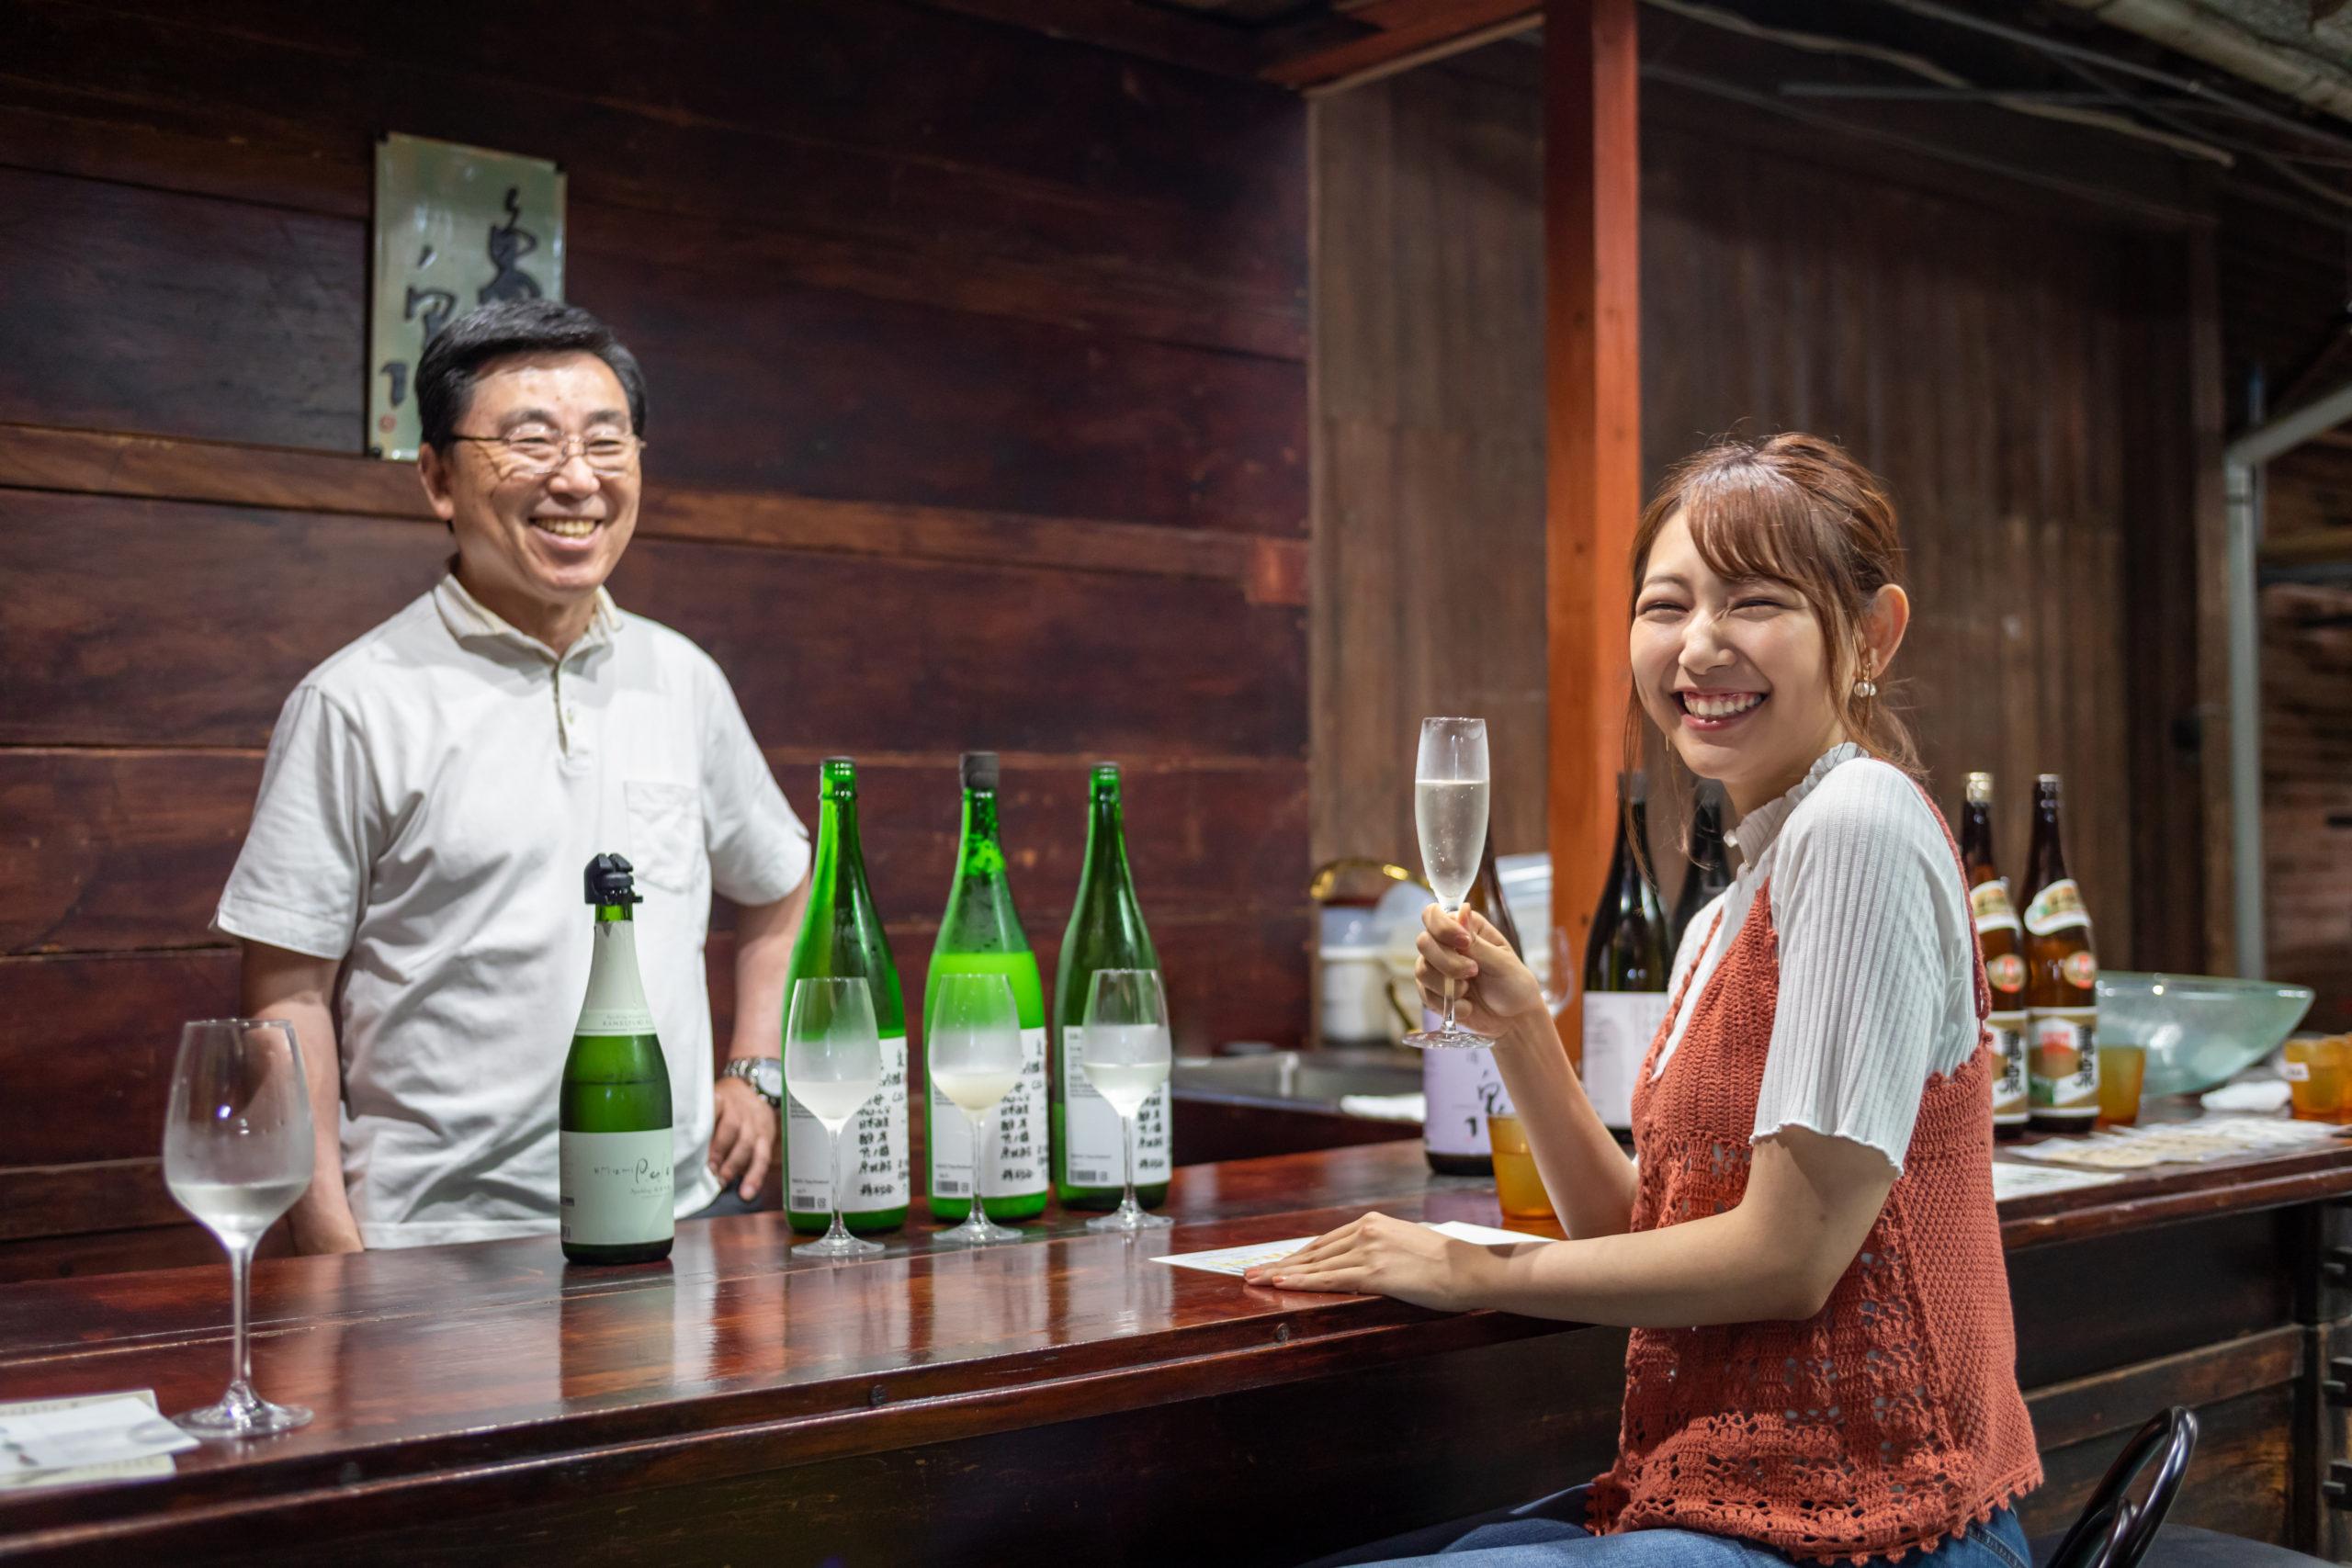 魚介、日本酒、鰹節!おいしい食材の裏側を一挙にご紹介